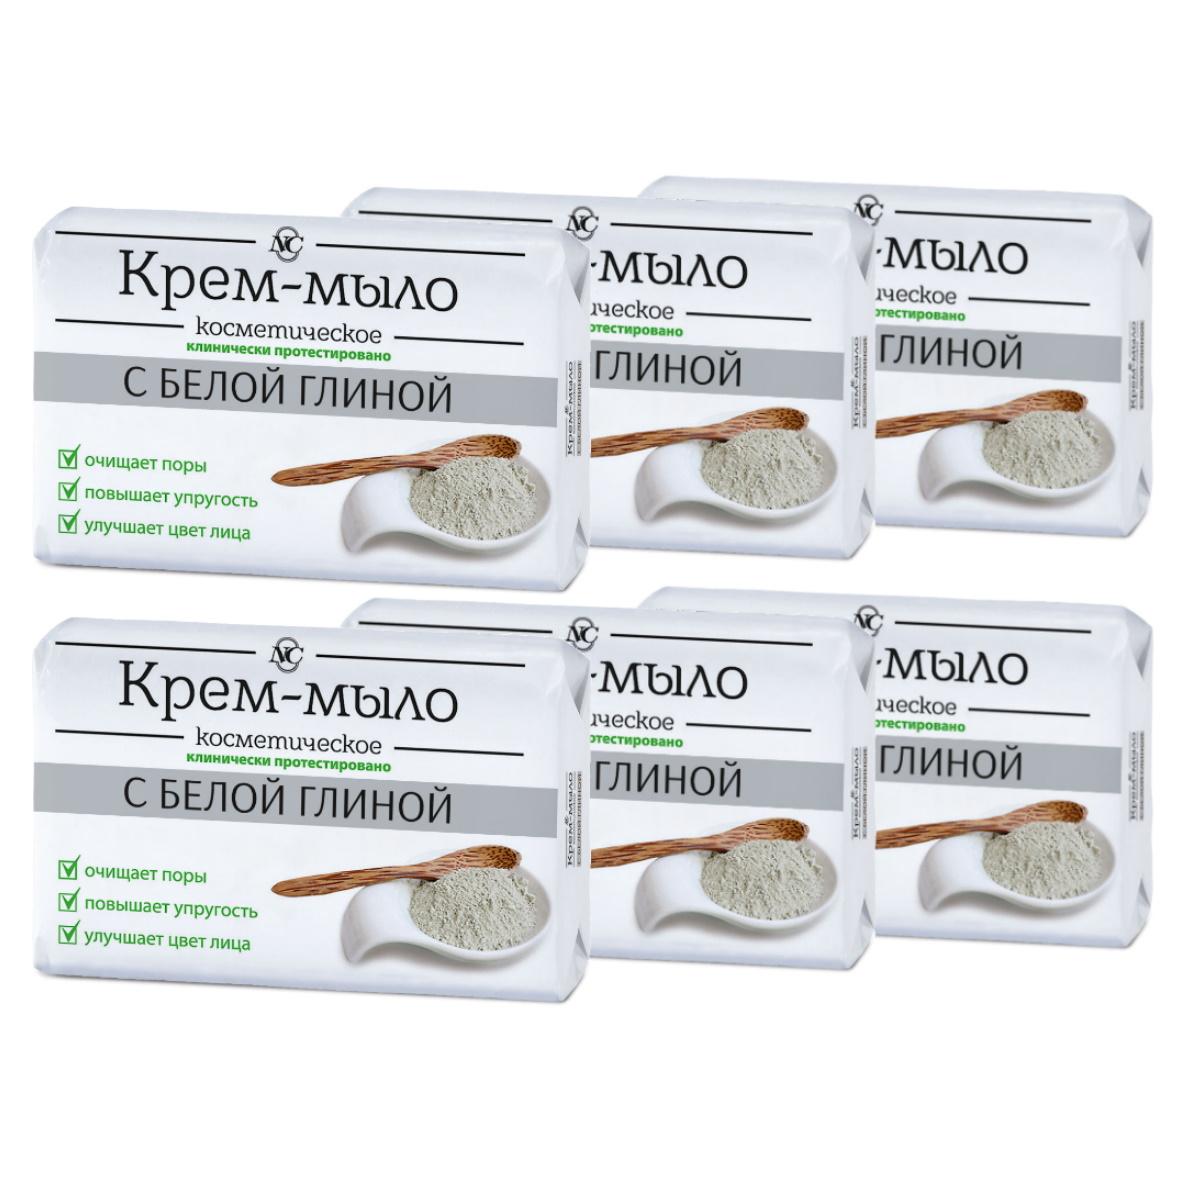 Косметическое крем мыло 90г (Набор из